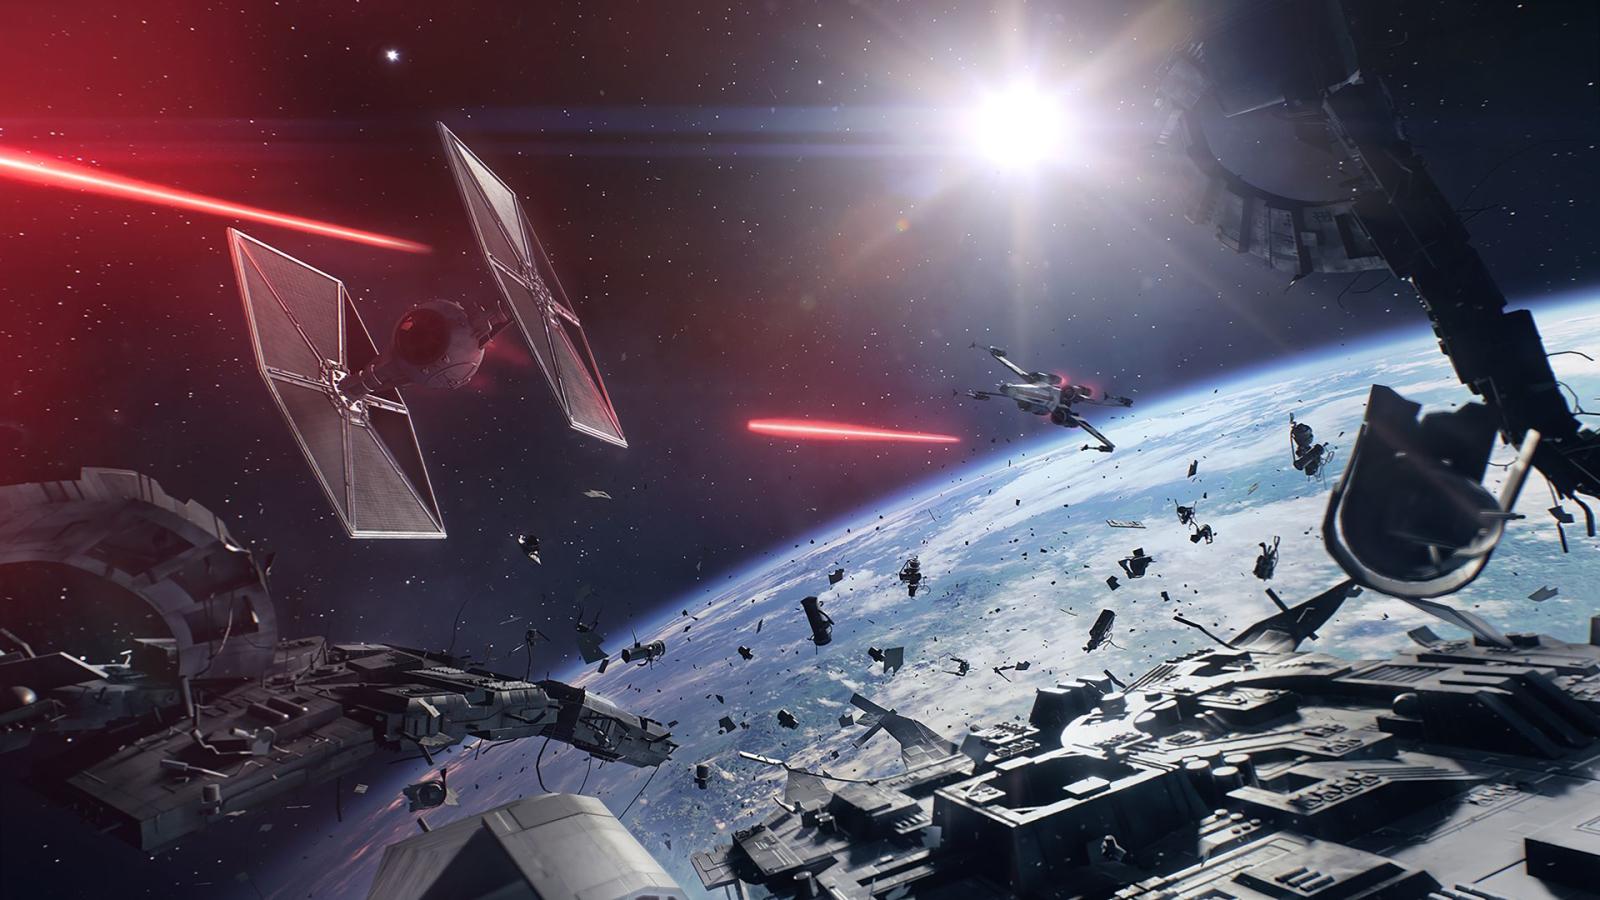 Скандальная слава: Пост EA о Battlefront II обзавёлся самым низким рейтингом в Реддите